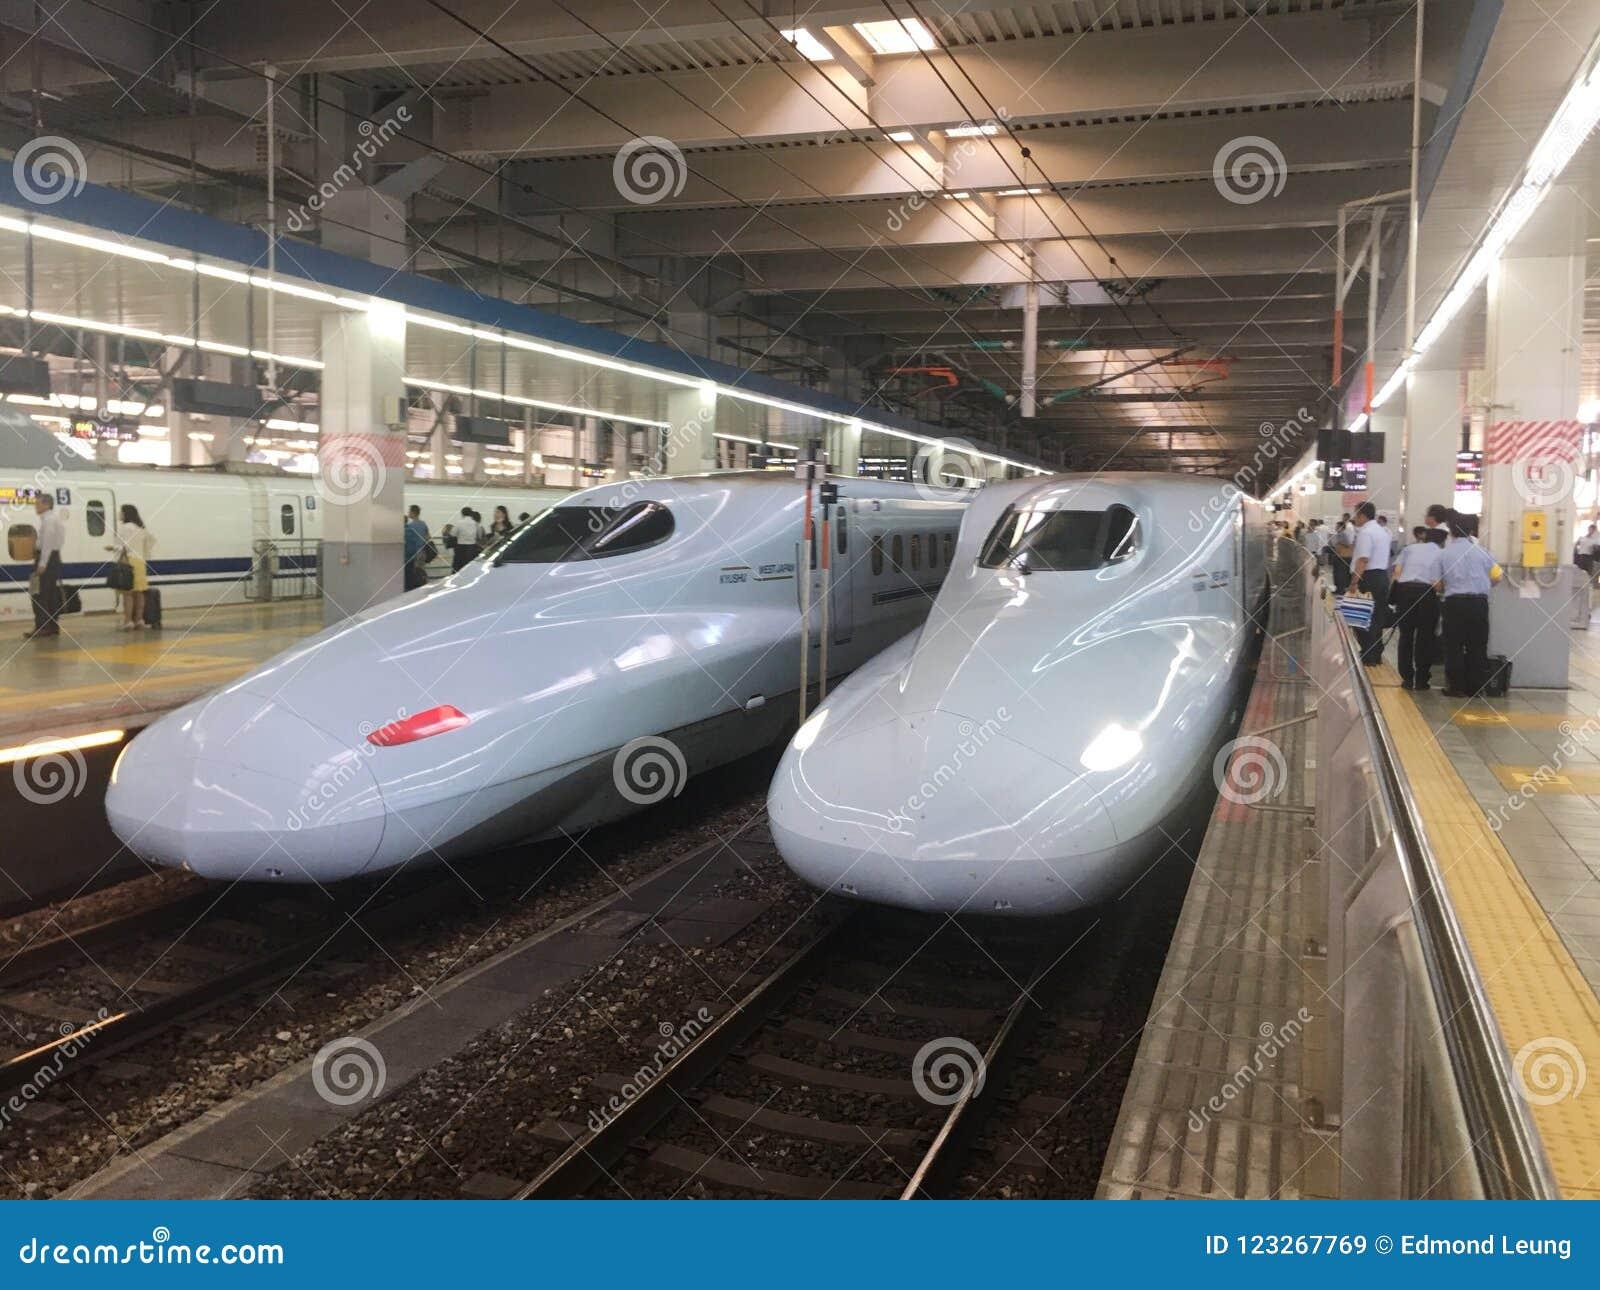 Super express in Japan hakataku station.